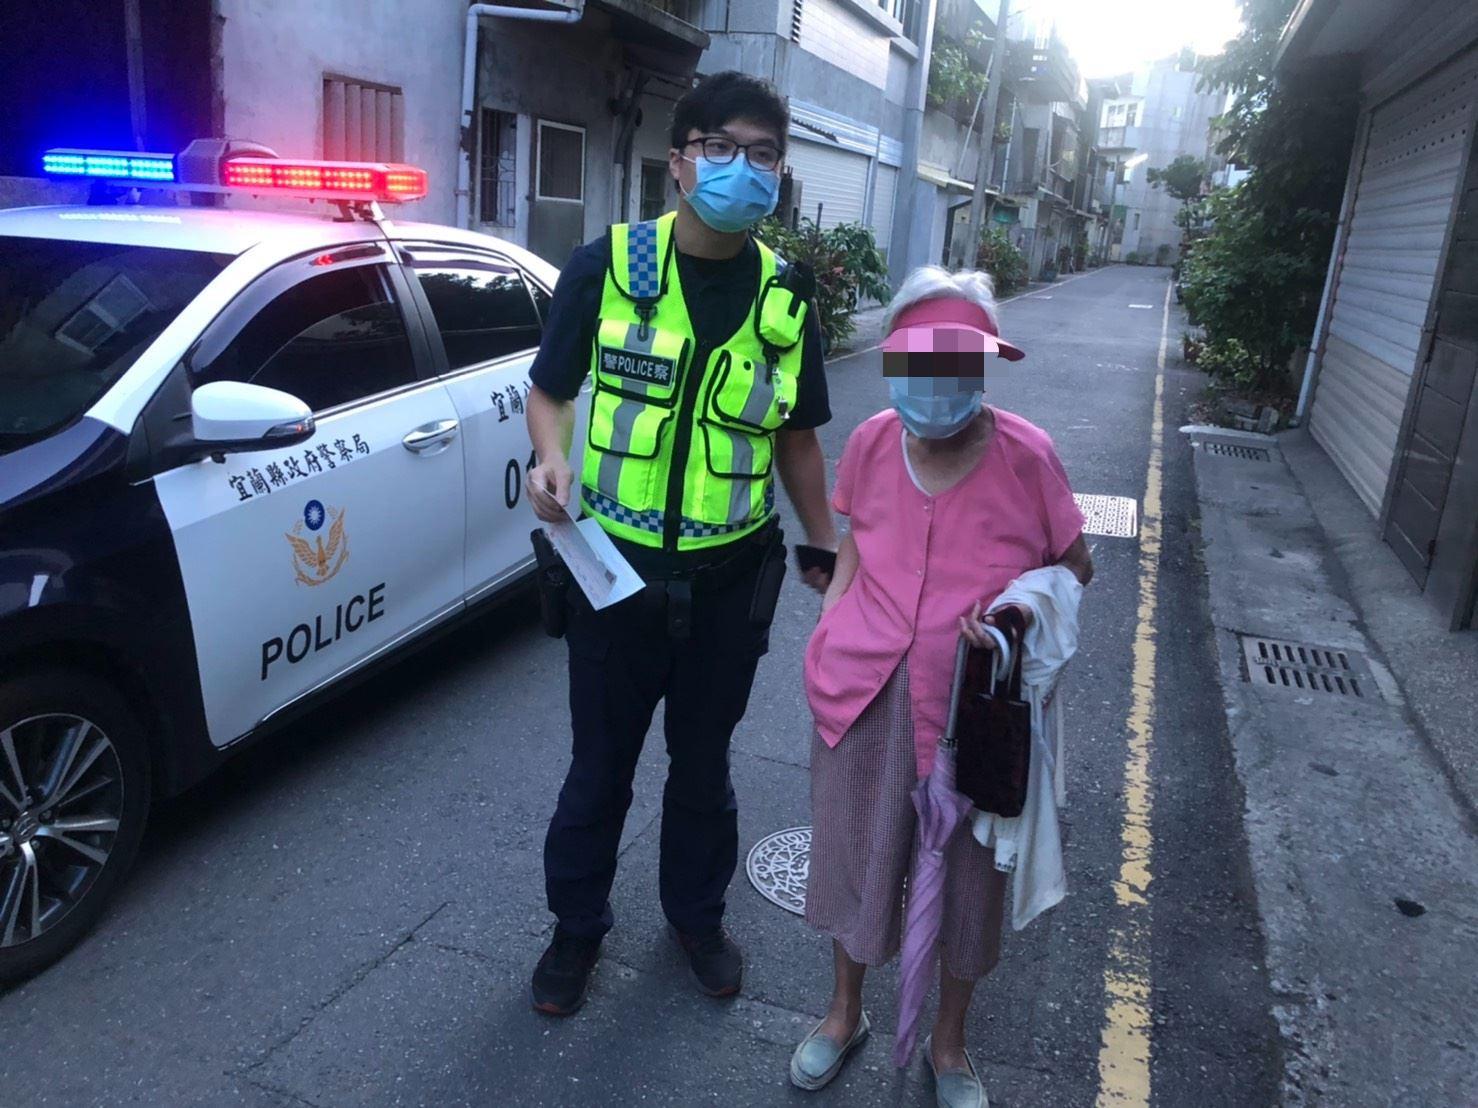 【九旬老婦人外出迷途,宜警攙扶乘坐巡邏車助返家】